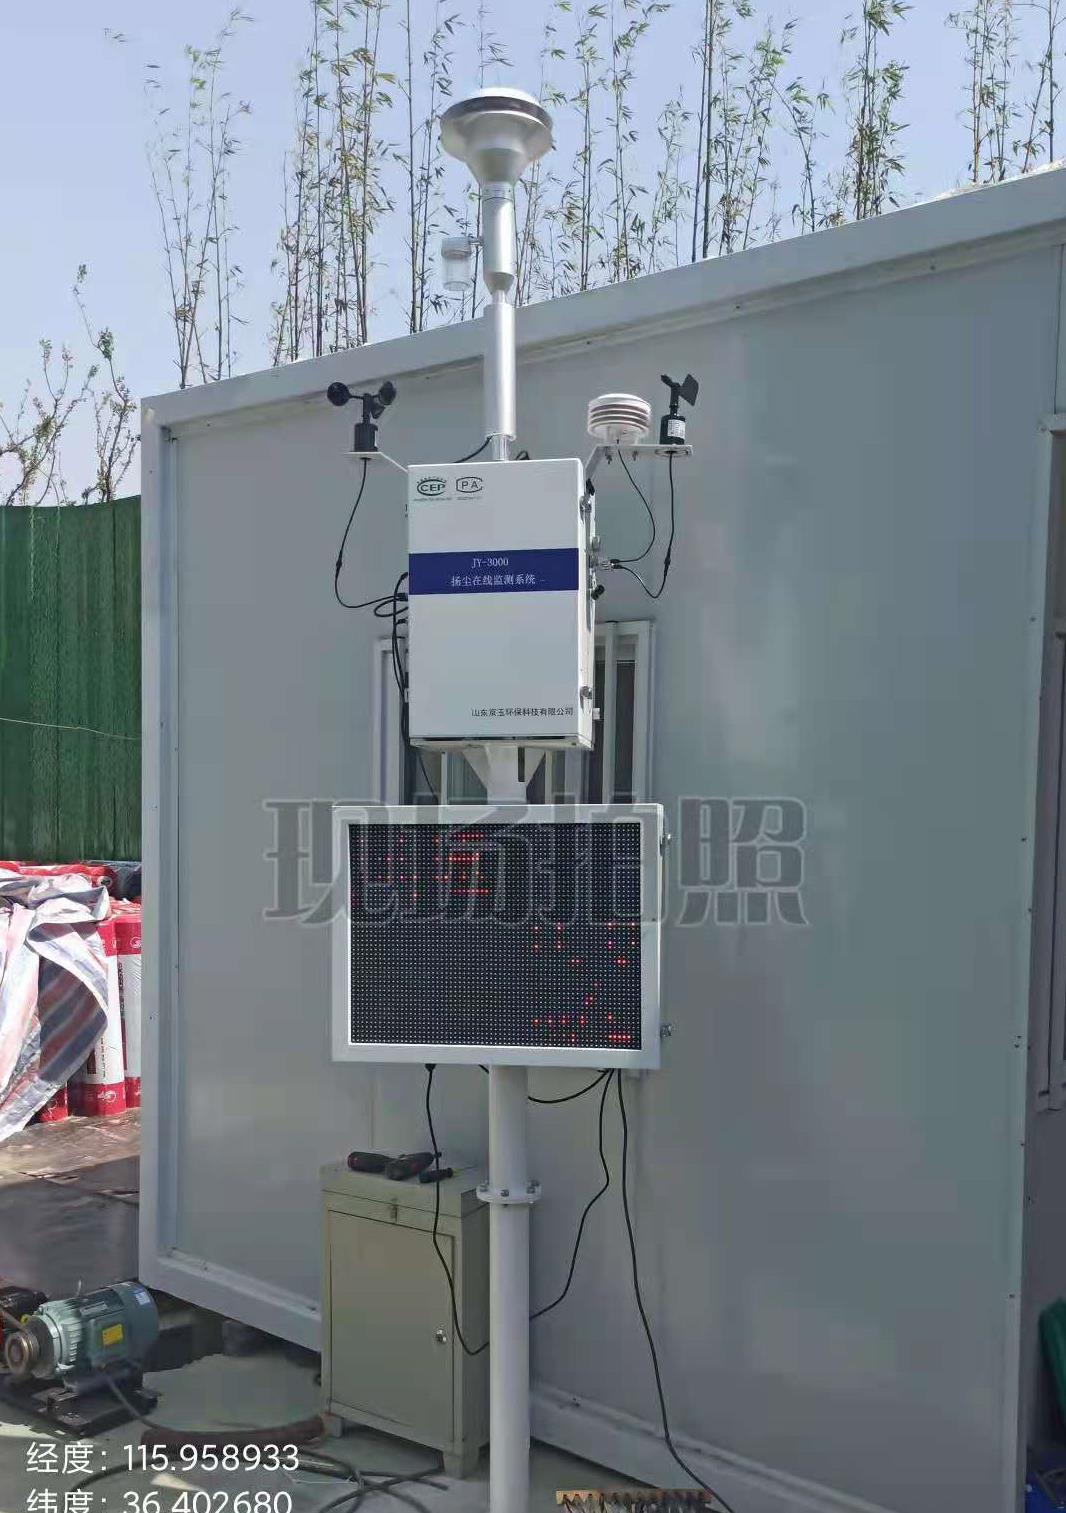 JY-3000扬尘在线监测系统应用1